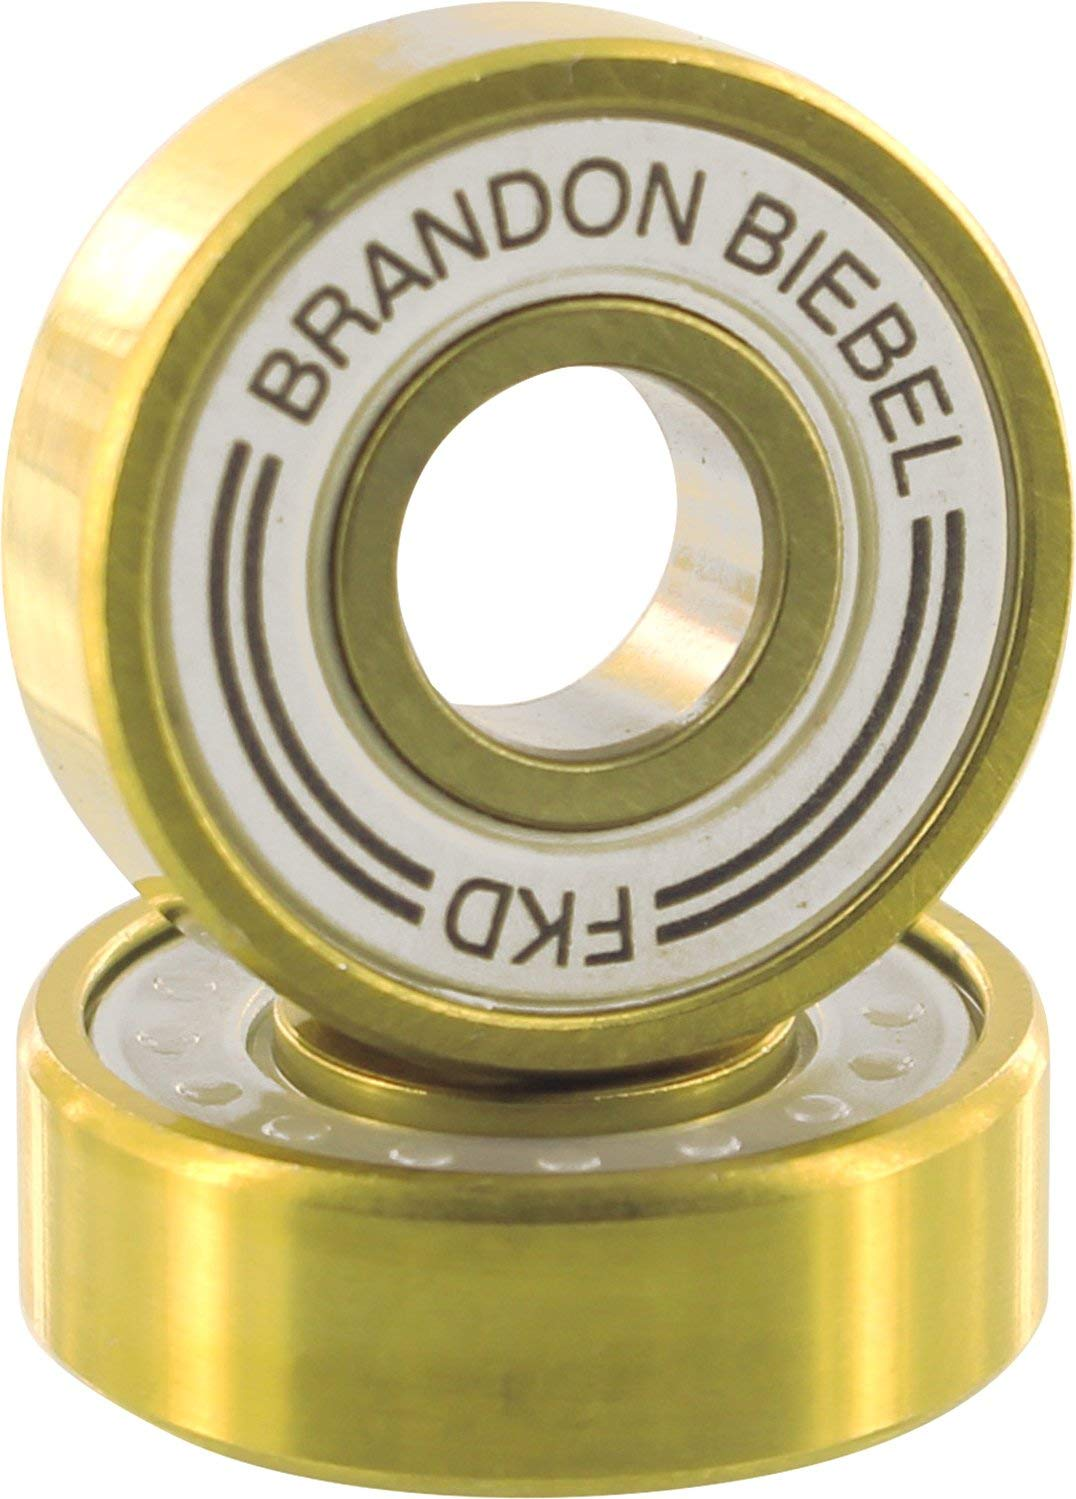 FKD Biebel Pro Skateboard Bearings